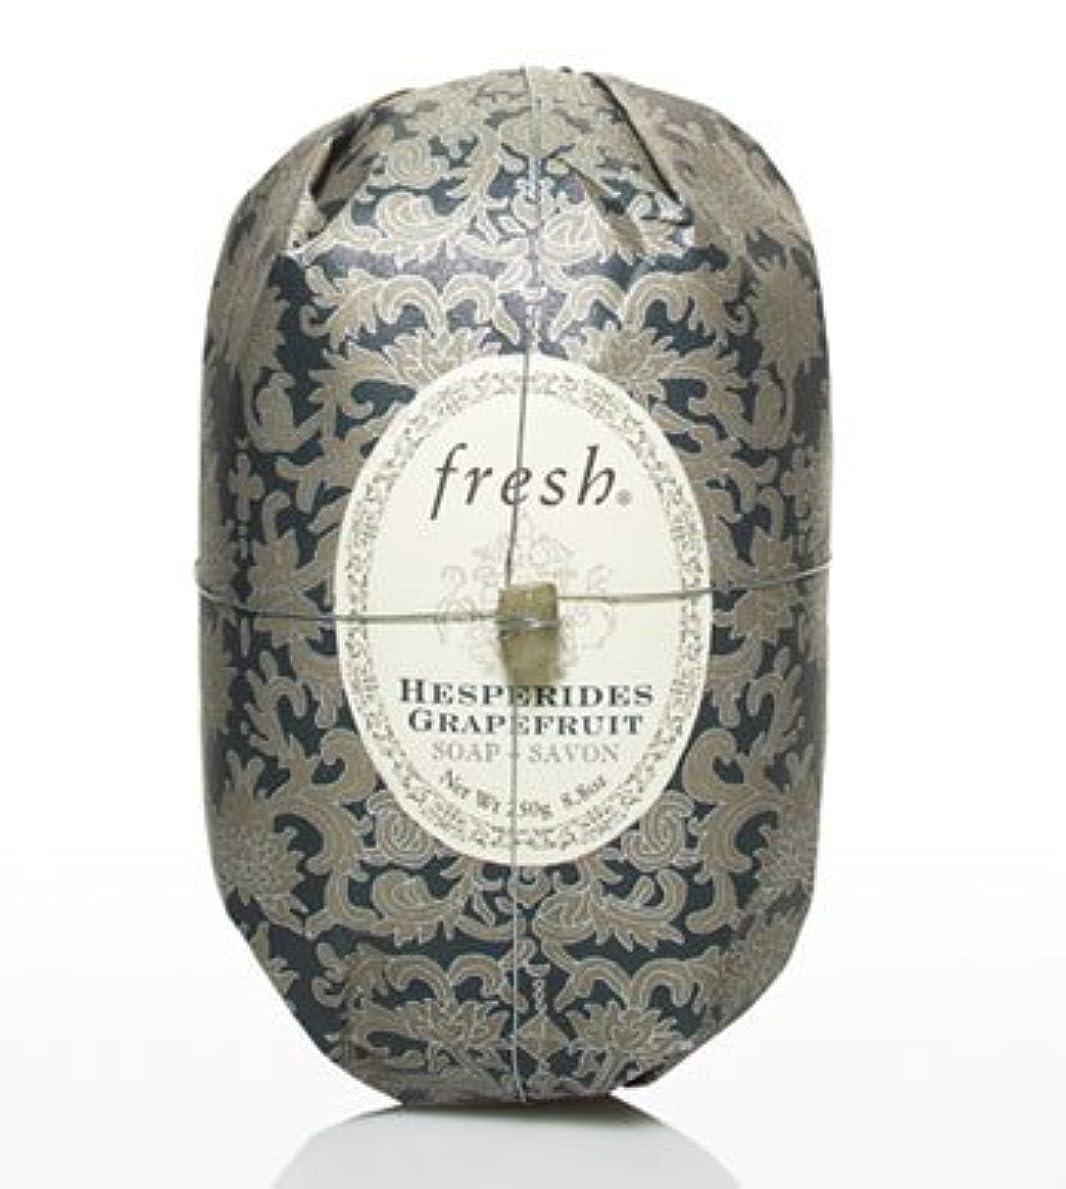 限界もつれ推論Fresh HESPERIDES GRAPEFRUIT SOAP (フレッシュ ヘスペリデス グレープフルーツ ソープ) 8.8 oz (250g) Soap (石鹸) by Fresh